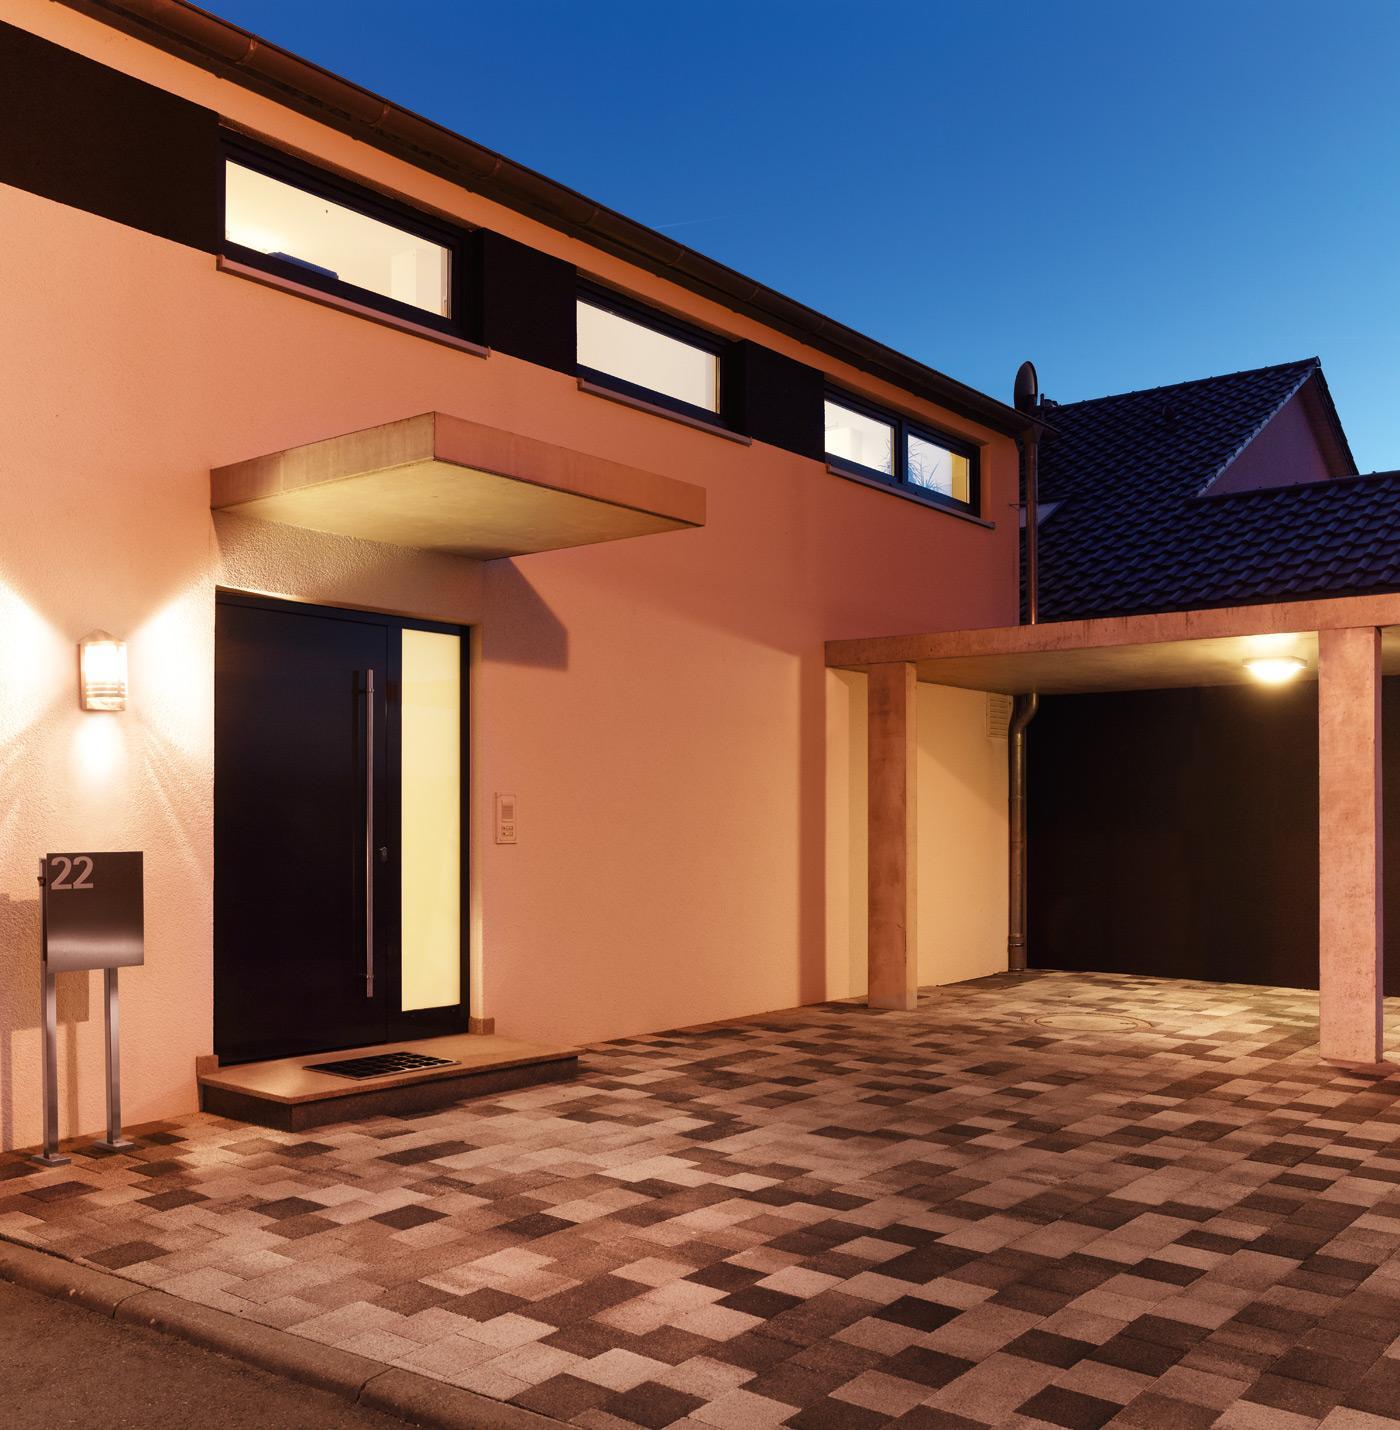 df6a651e-7f09-4627-afc6-c5b9ffd8bbd0.jpg._CB292610284_ Spannende Steinel Lampe Mit Bewegungsmelder Dekorationen